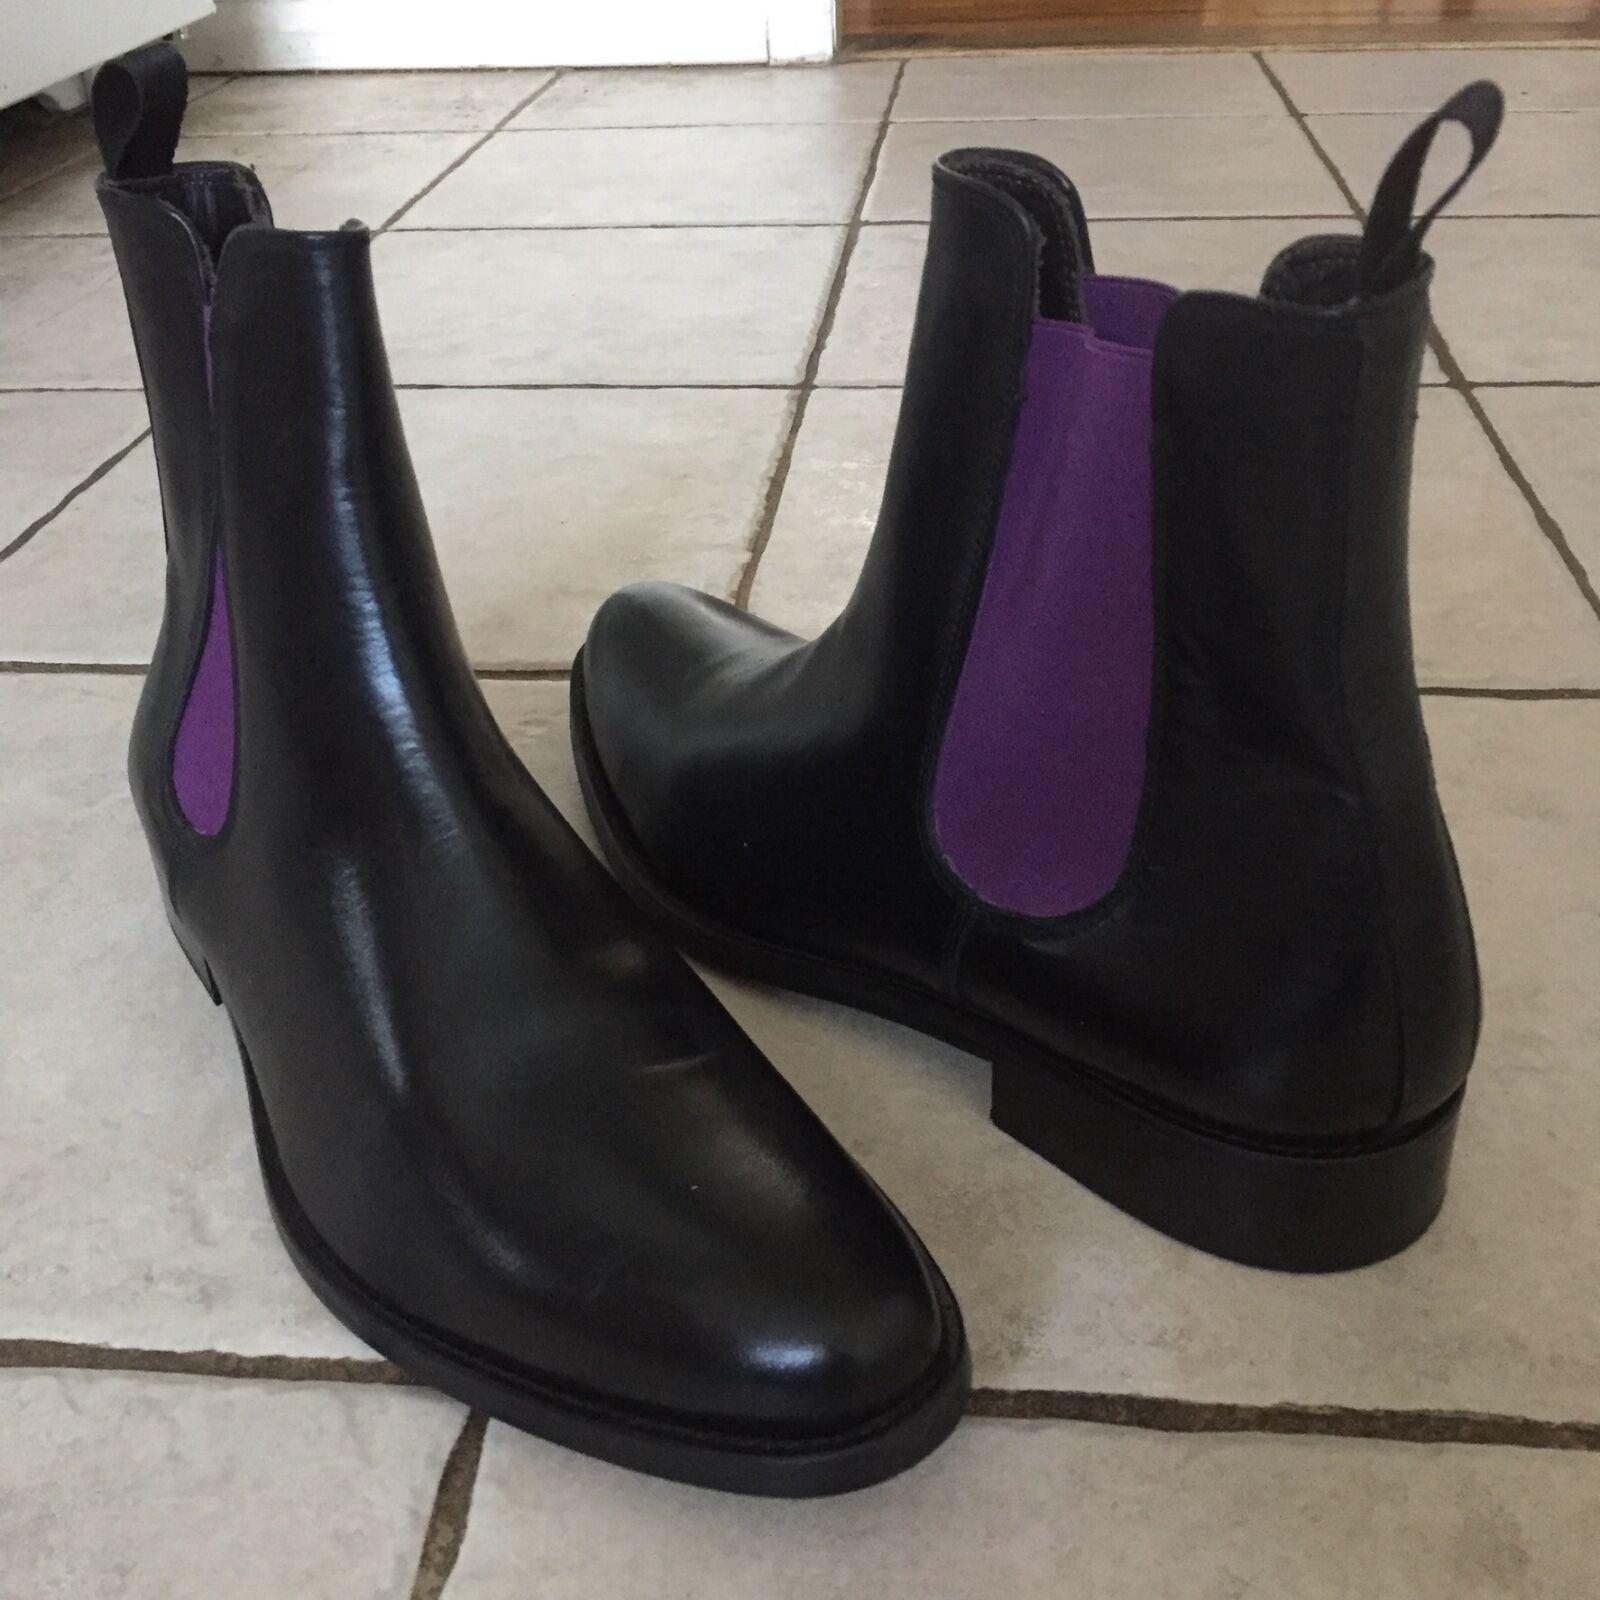 Del vestido negro de Chelmar zapatos   tobillos.Fabricado en Italia por 10   de los EE.UU.